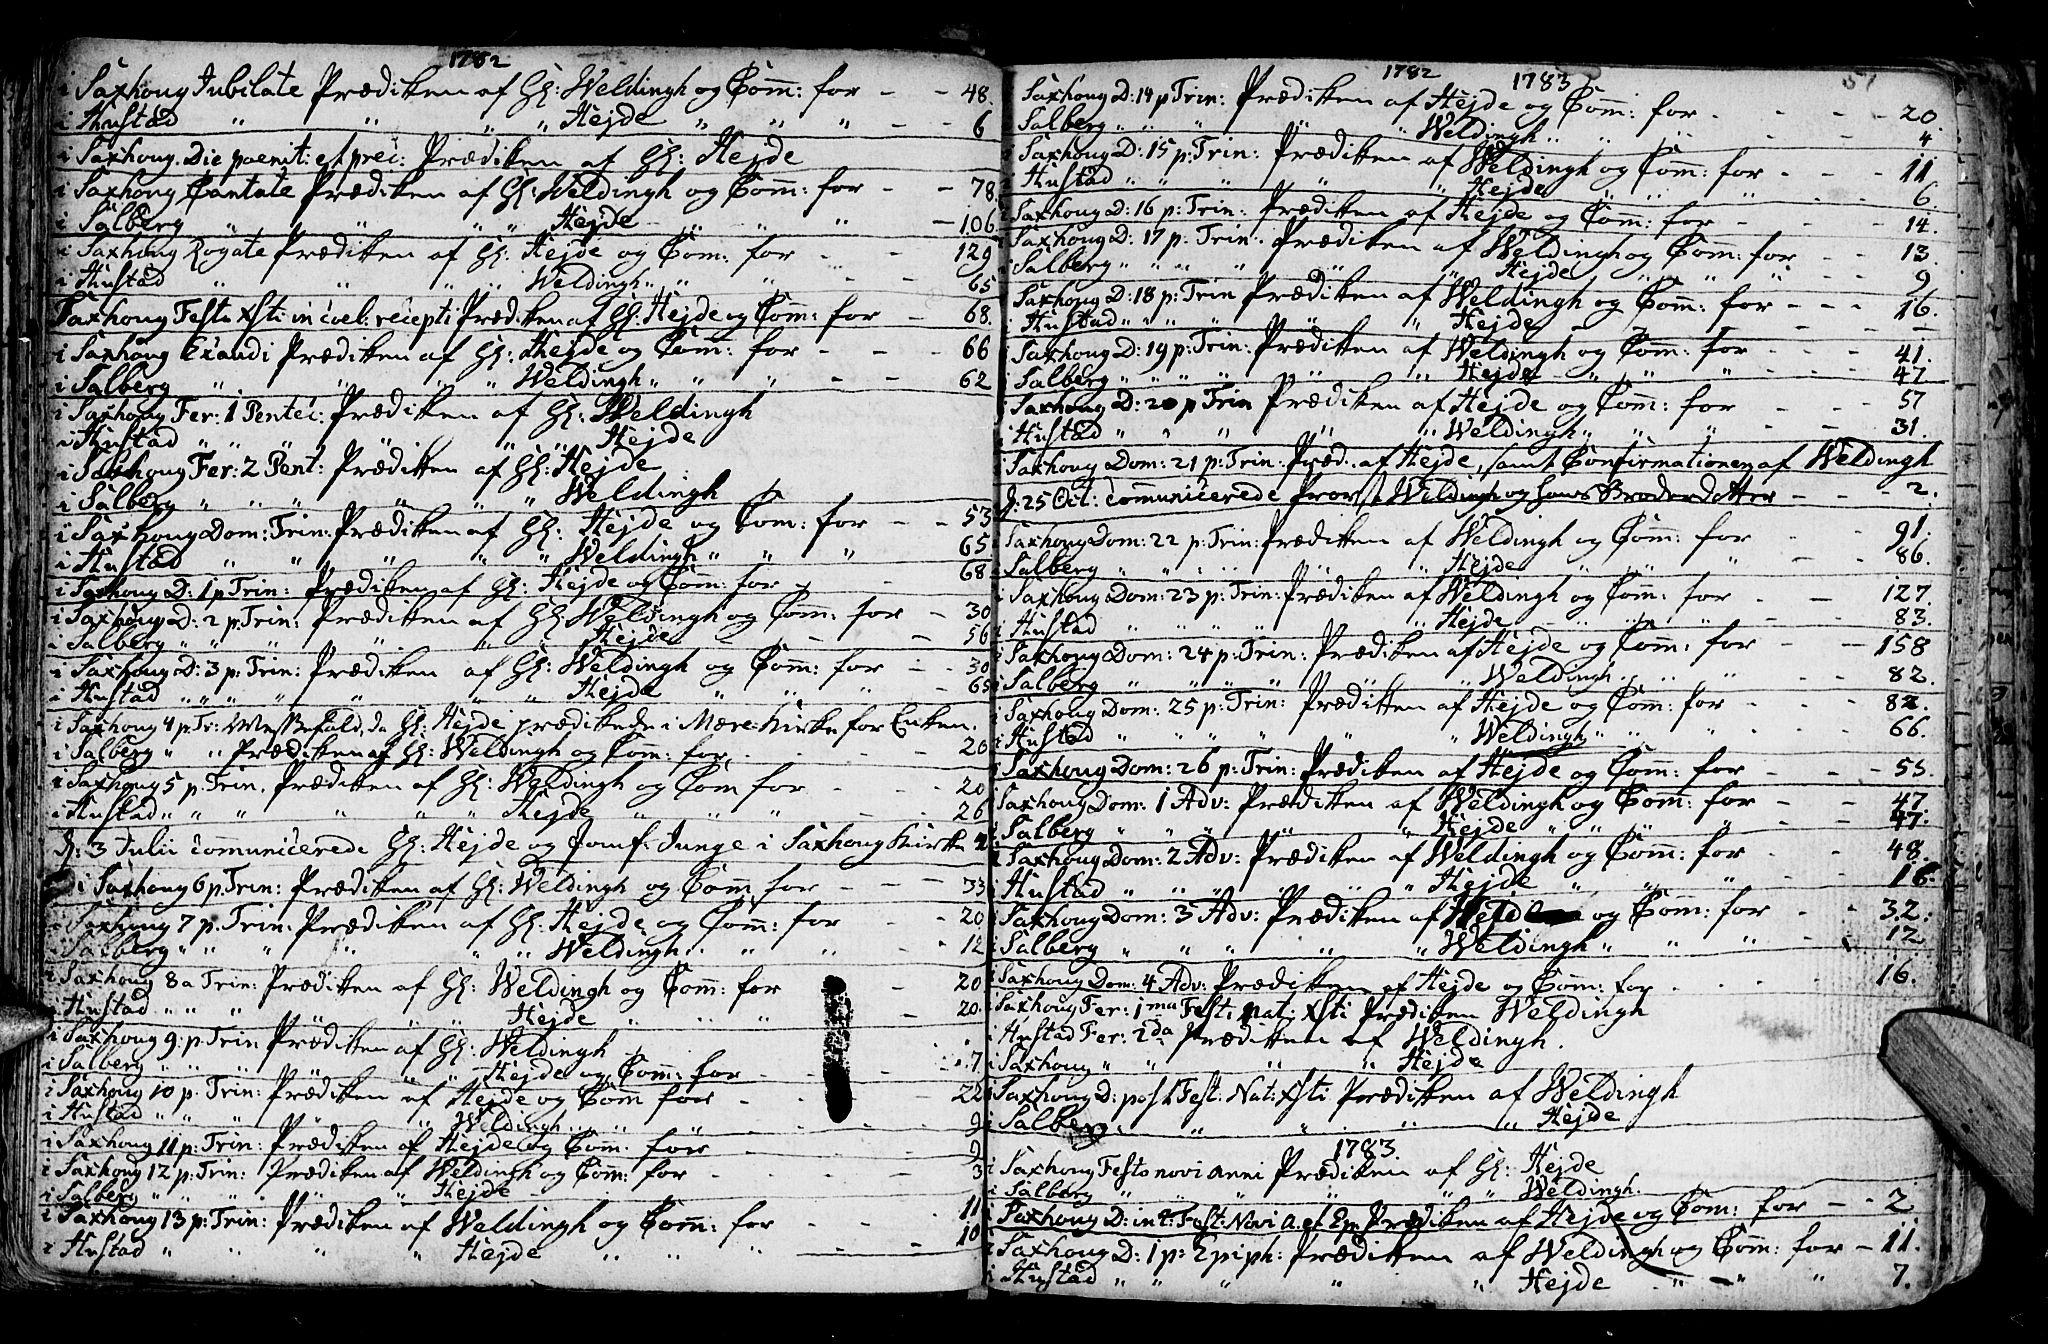 SAT, Ministerialprotokoller, klokkerbøker og fødselsregistre - Nord-Trøndelag, 730/L0273: Ministerialbok nr. 730A02, 1762-1802, s. 51